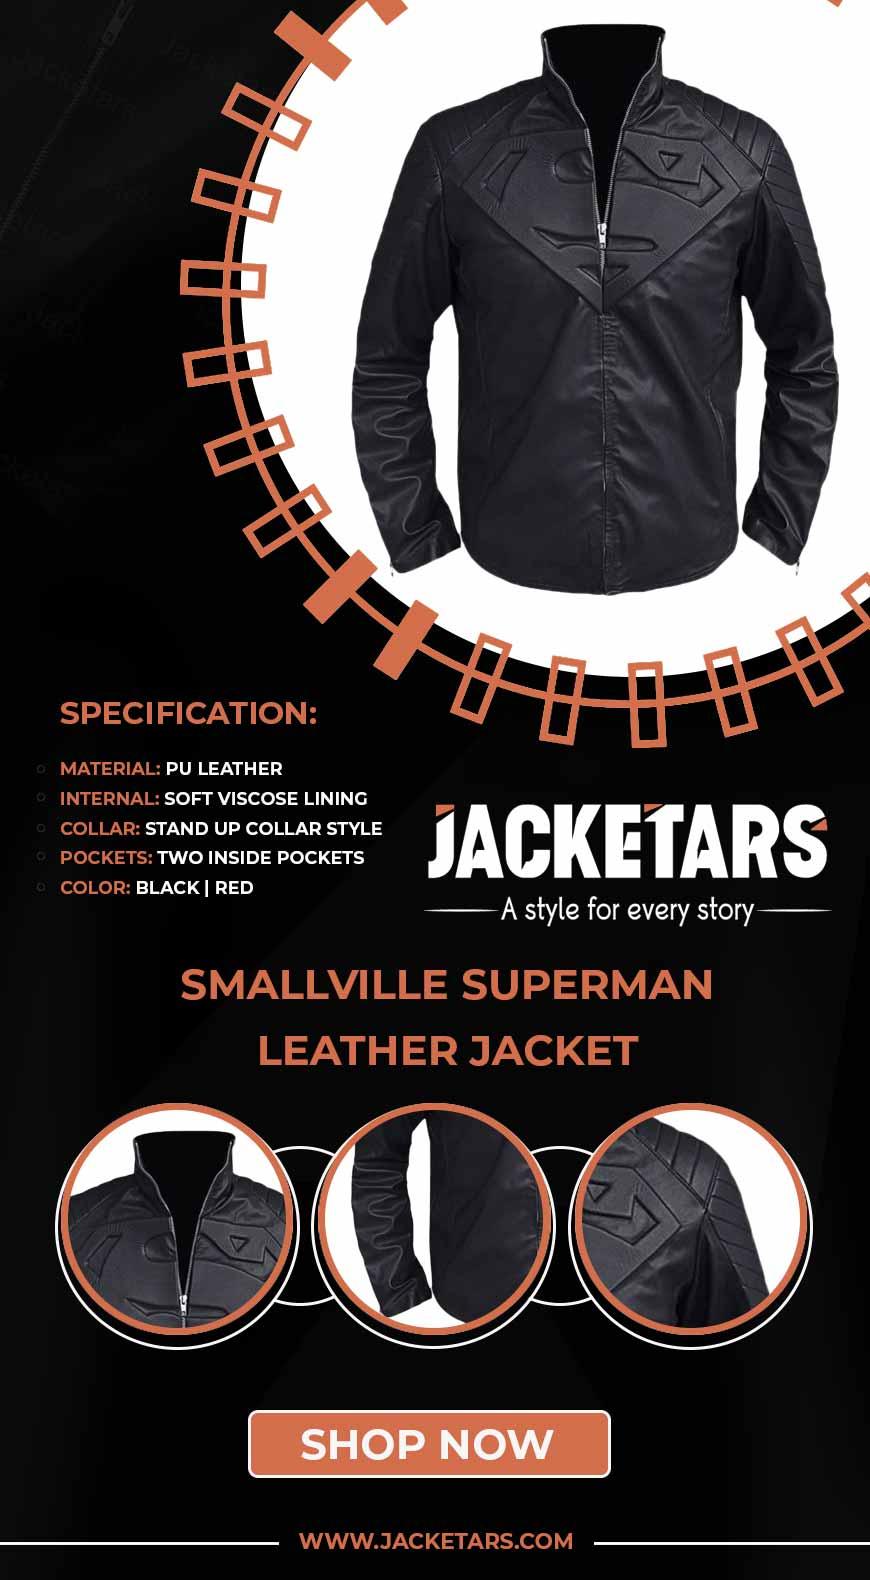 Smallville Superman Leather jacket info